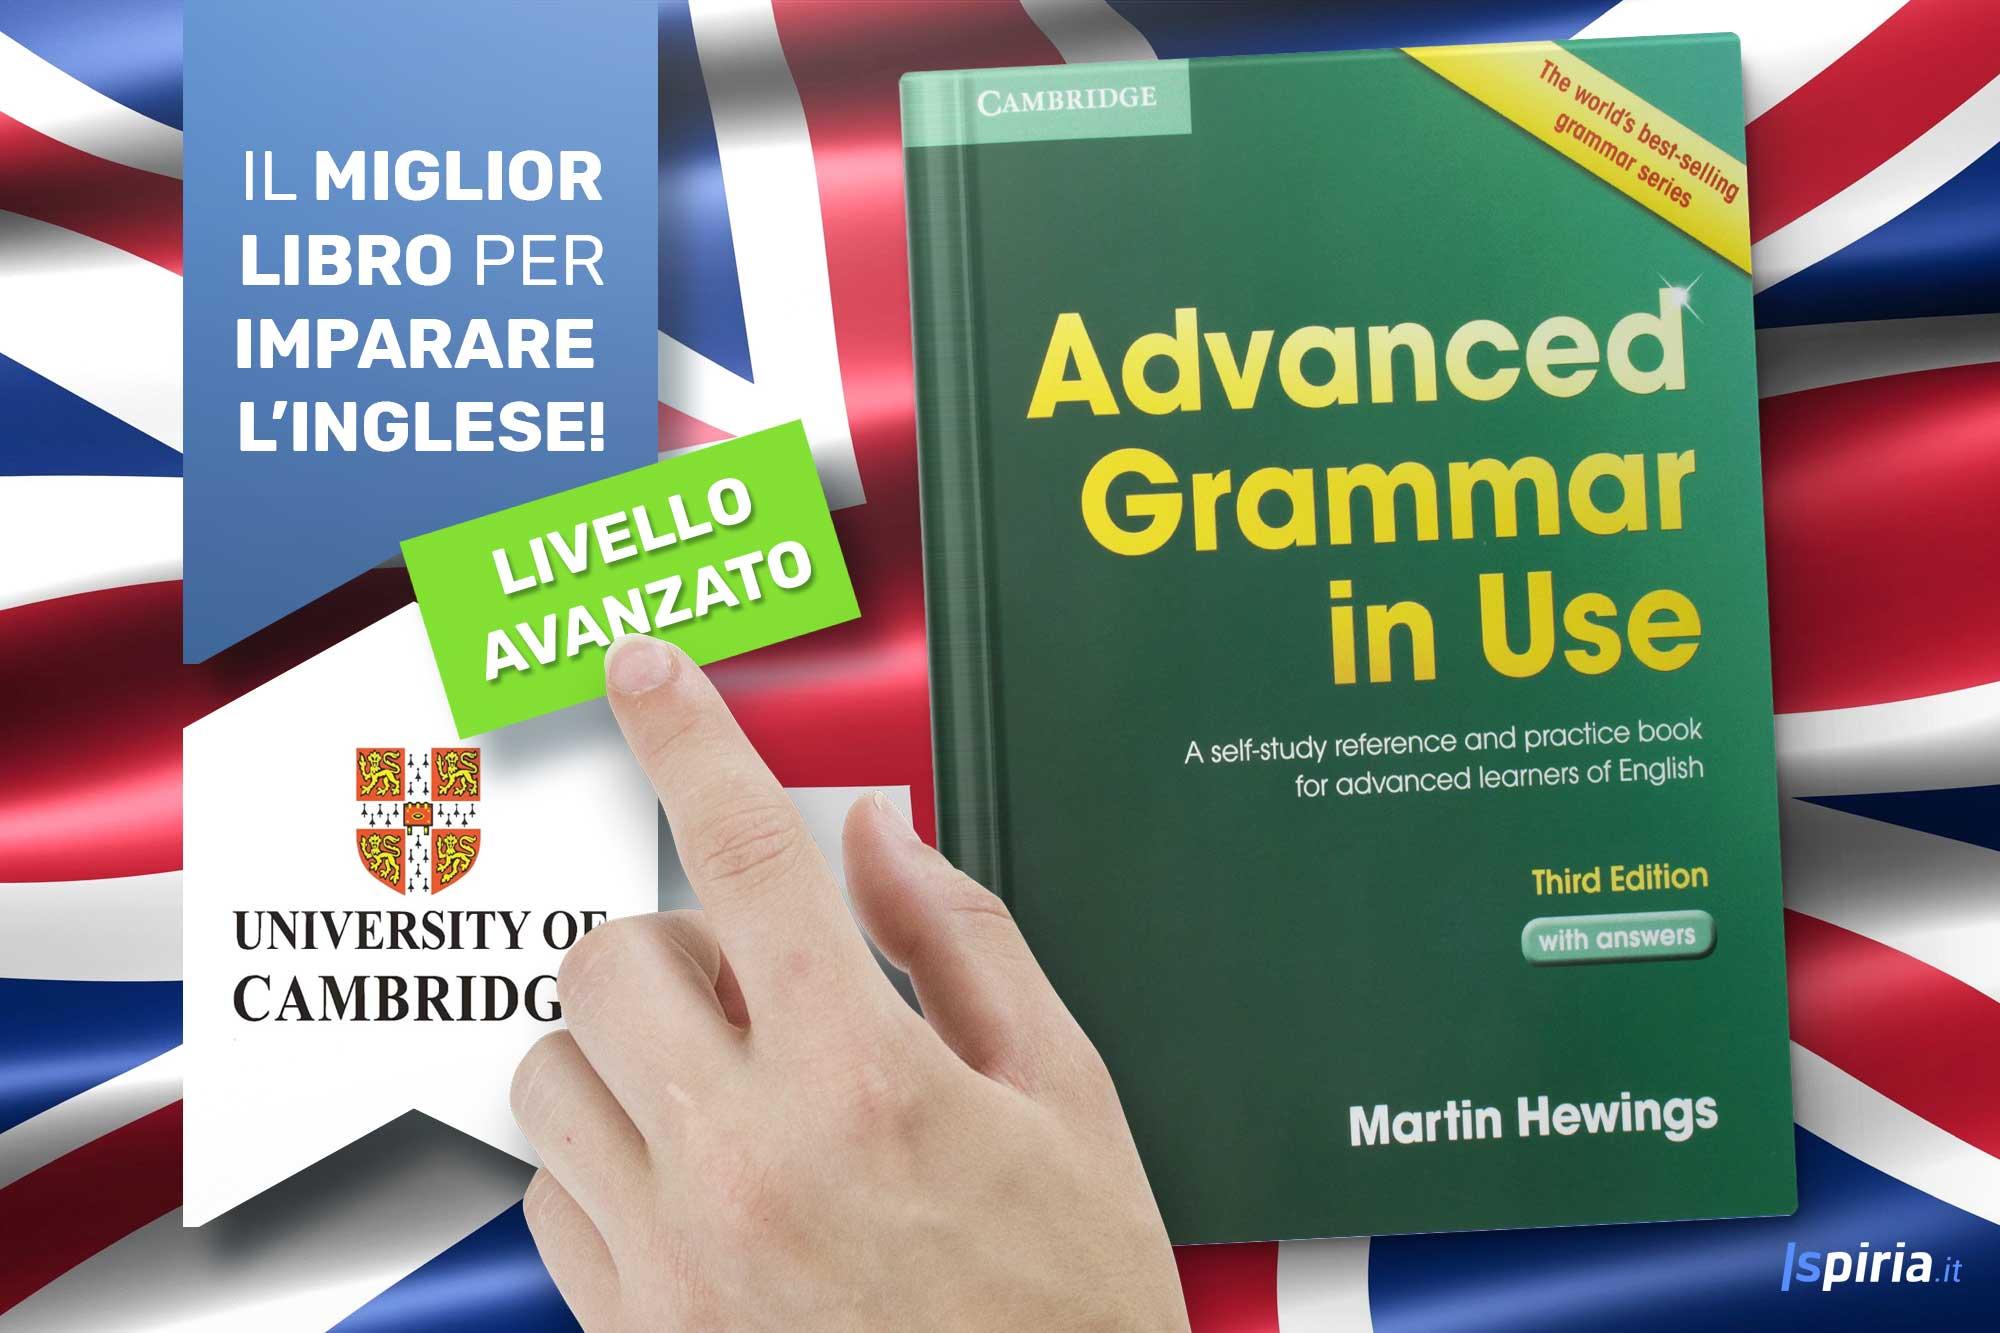 Miglior libro imparare inglese avanzato